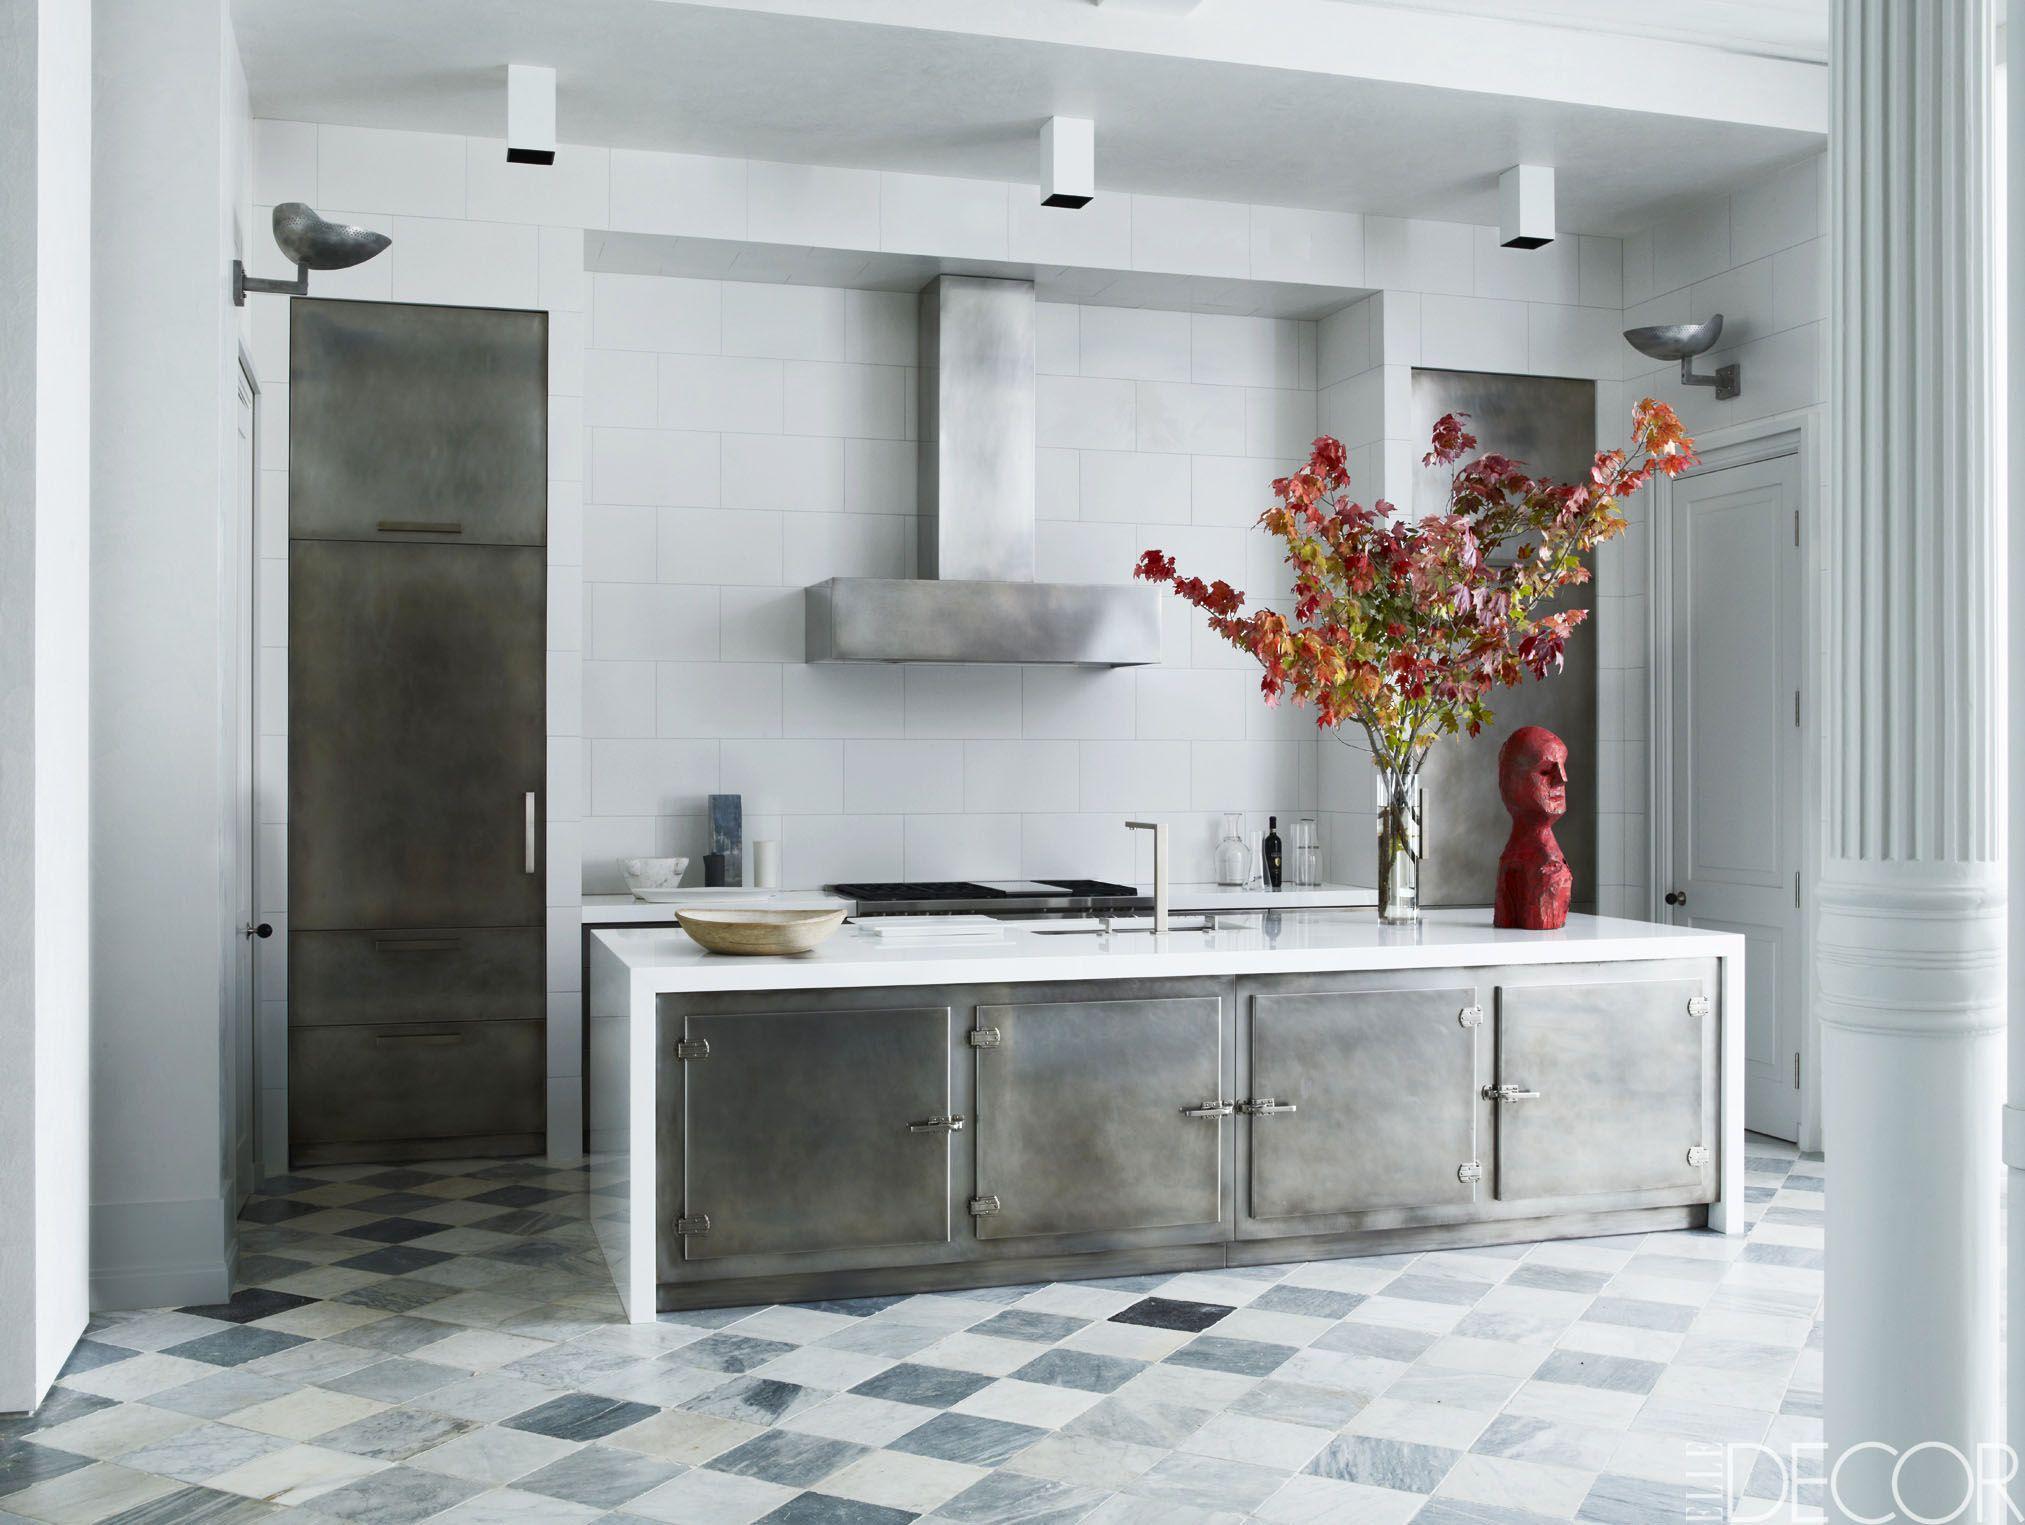 26 gorgeous black & white kitchens - ideas for black & white kitchen